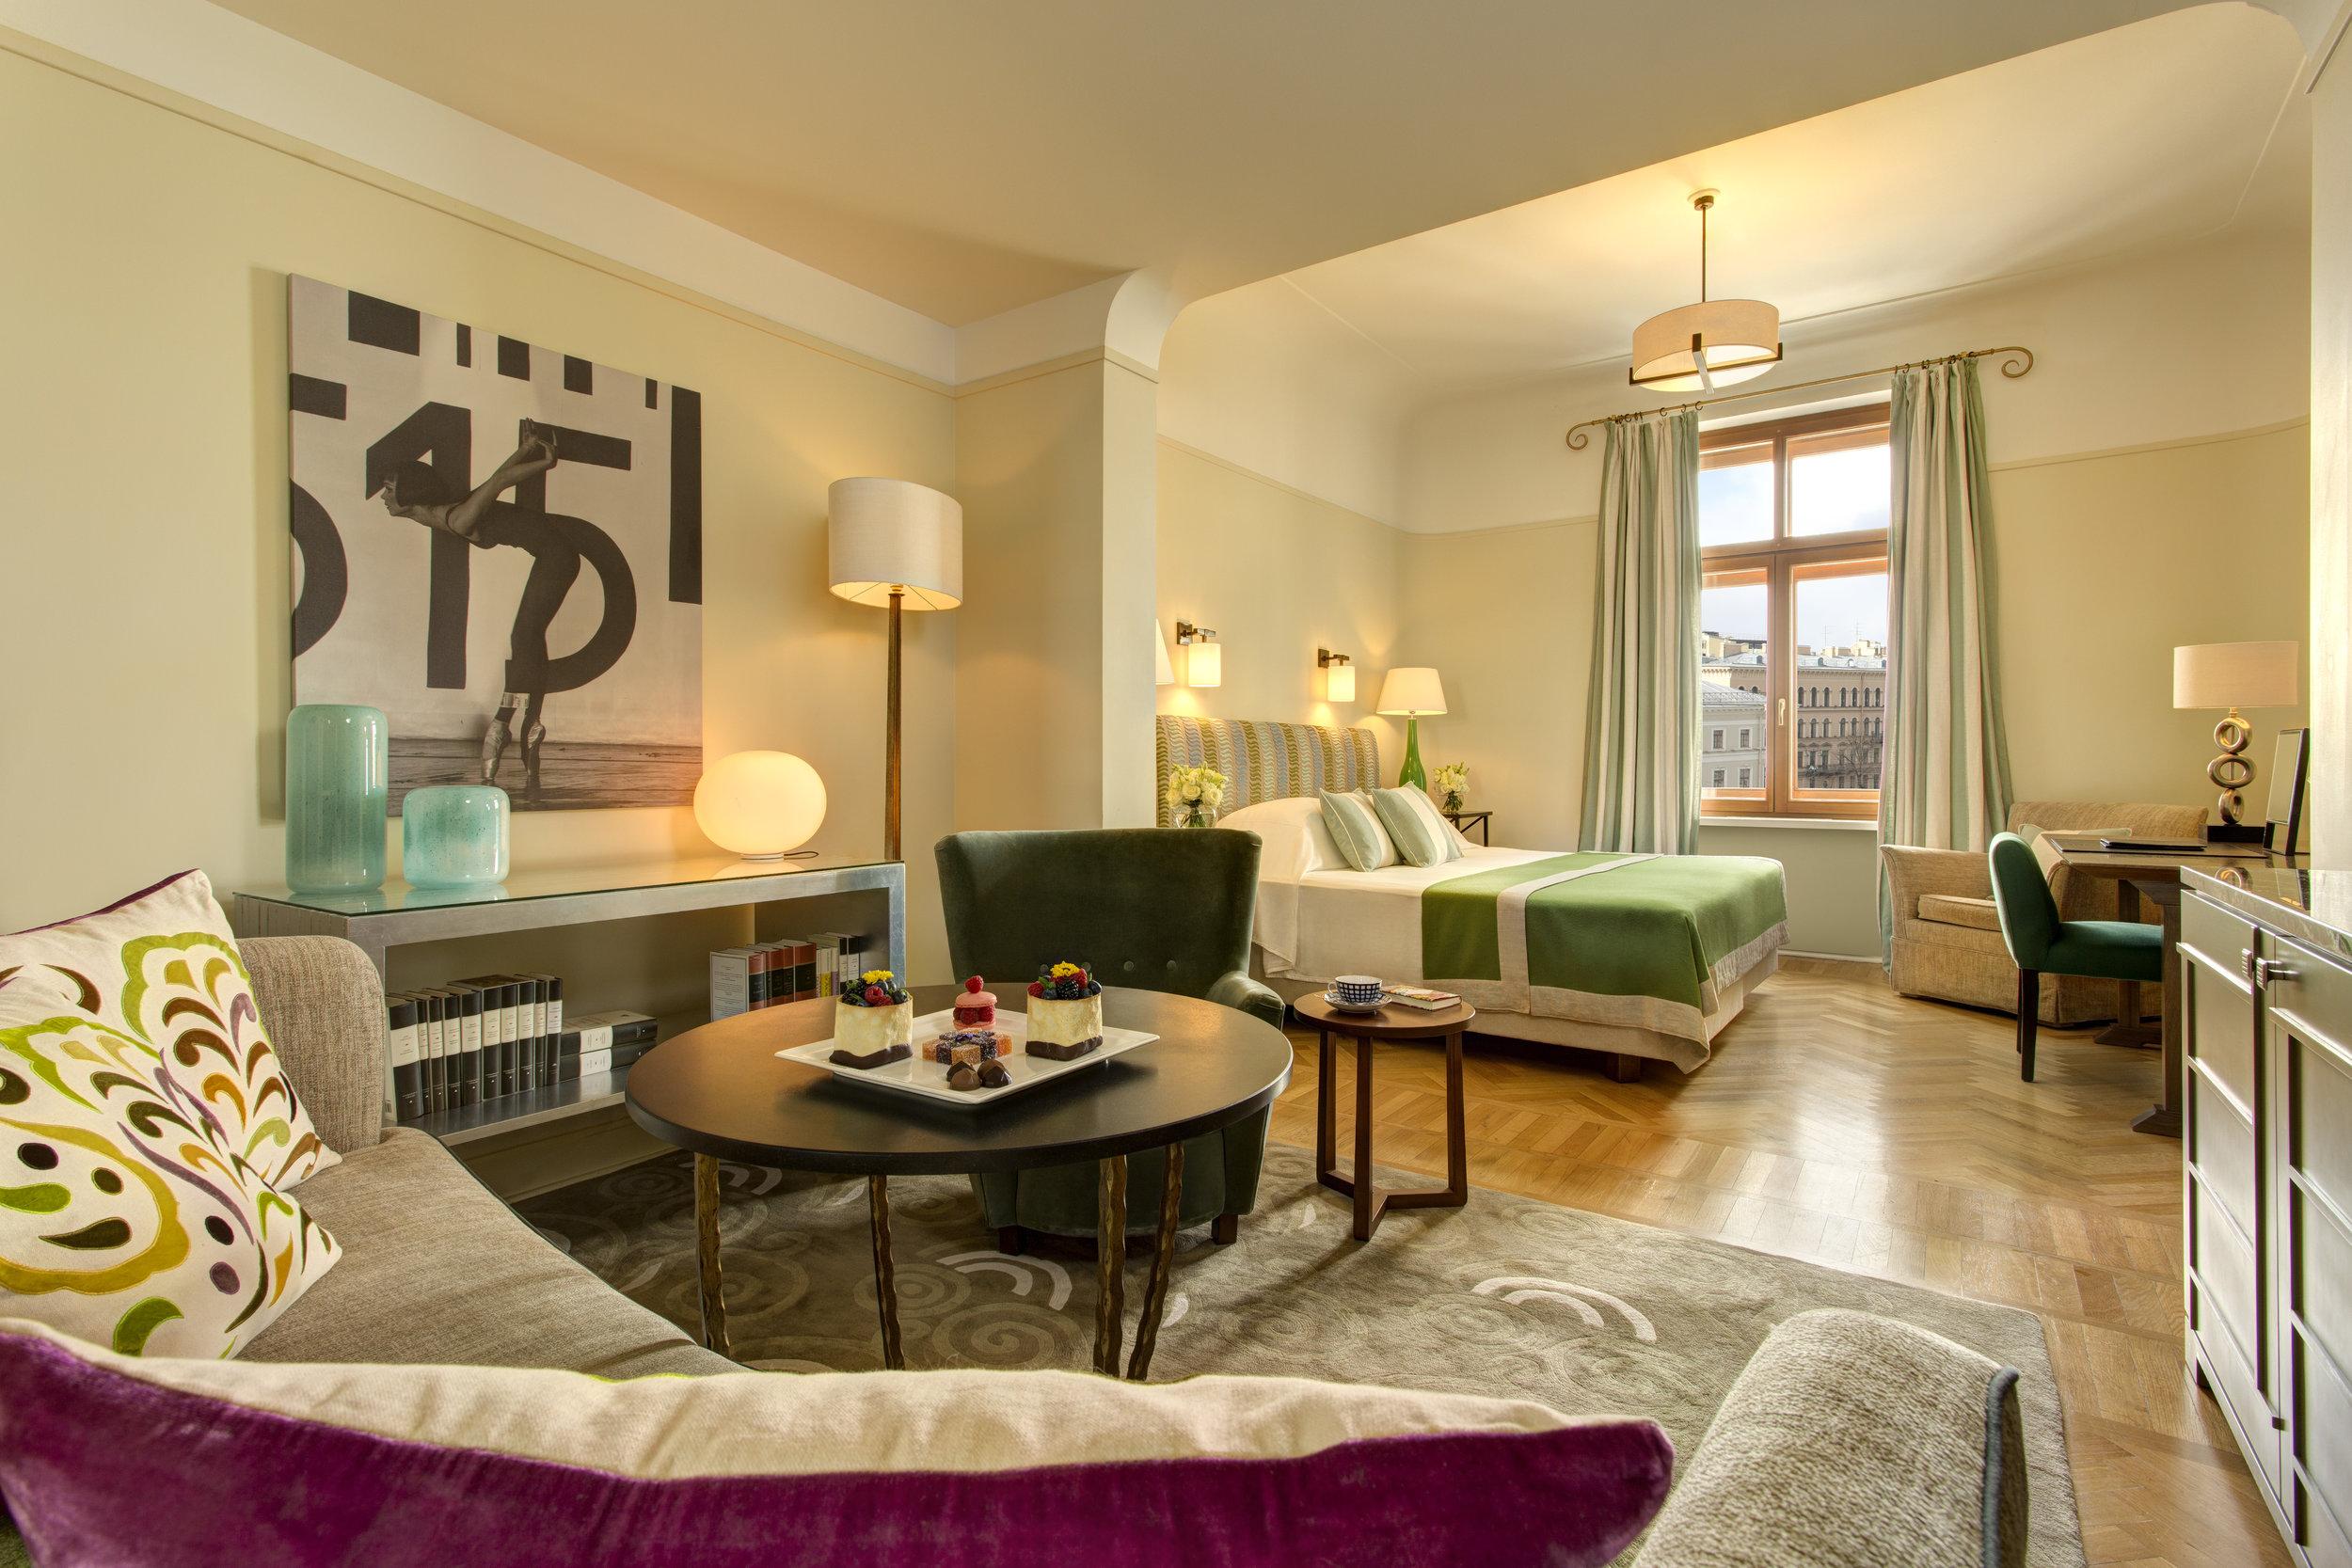 13 RFH Hotel Astoria - Junior Suite 7200.JPG